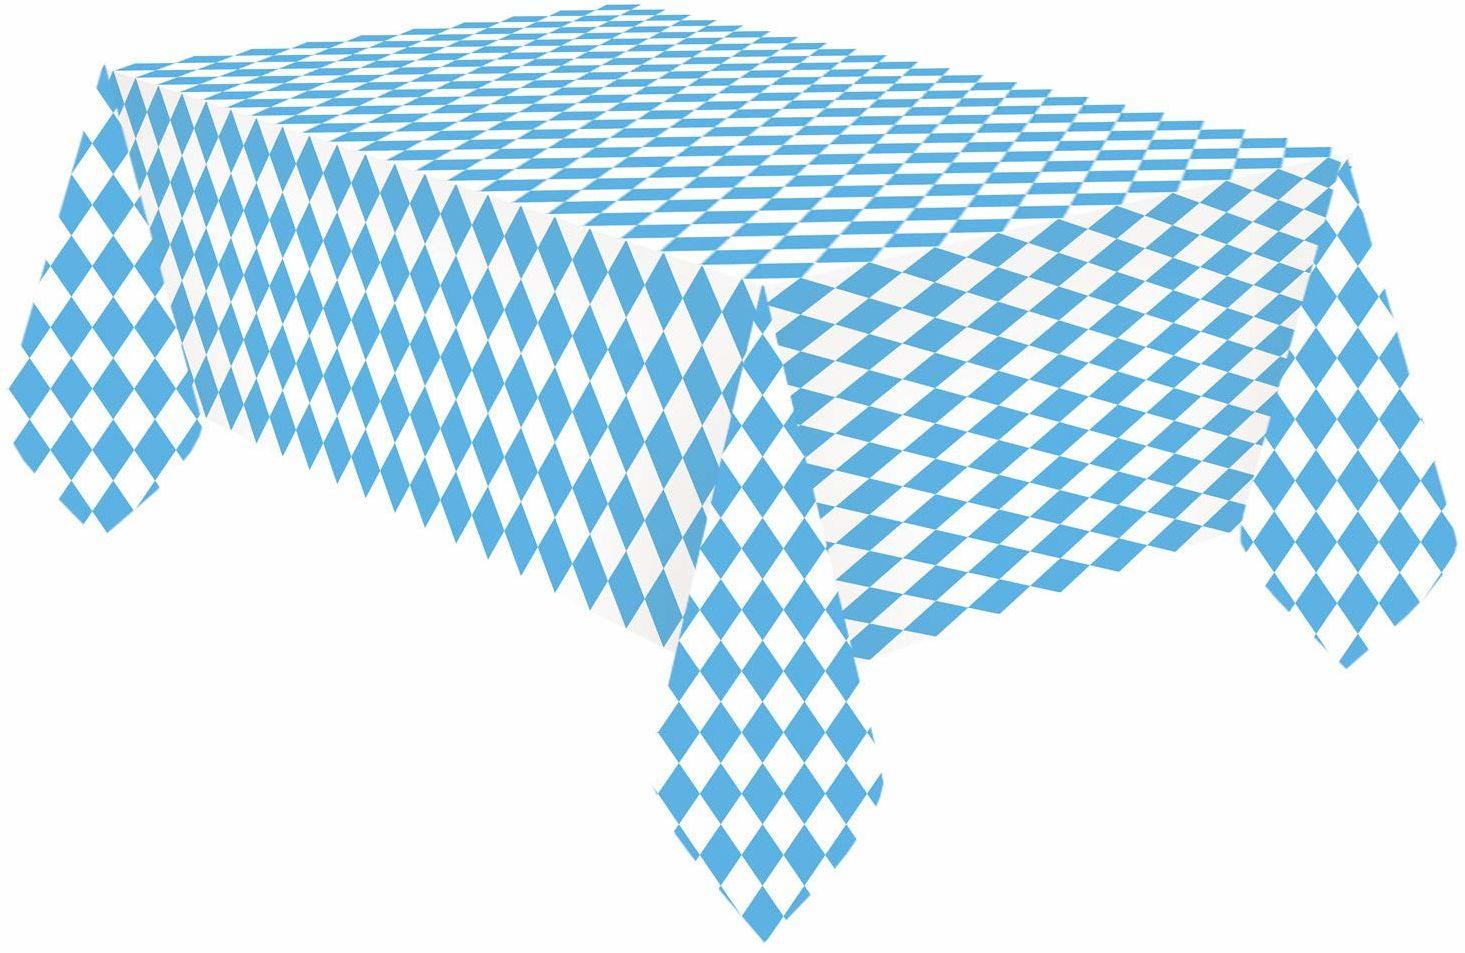 Amscan 9904817 - obrus Bawaria, rozmiar 115 x 175 cm, niebiesko-biały, obrus z papieru, ławeczka piwa, Oktoberfest, stół, dekoracja, impreza tematyczna, przyjęcie ogrodowe